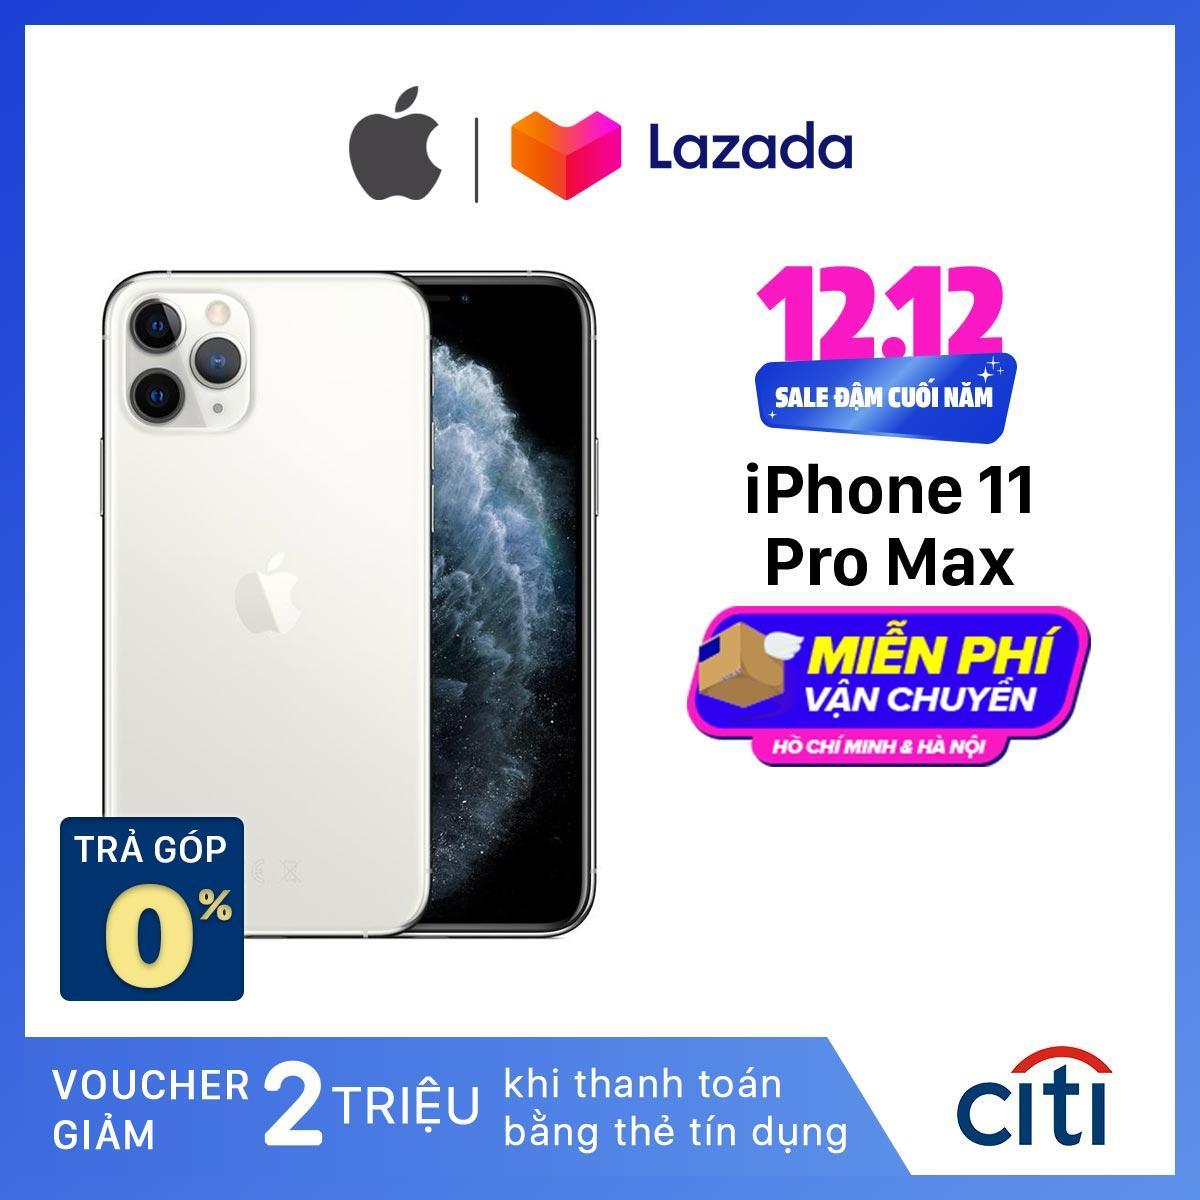 Điện Thoại Apple IPhone 11 Pro Max - Hàng Chính Hãng VN/A - Màn Hình Super Retina XDR 6.5inch, Face ID, Chống Nước, Chip A13, 3 Camera, Đi Kèm Sạc Nhanh 18W Giá Giảm